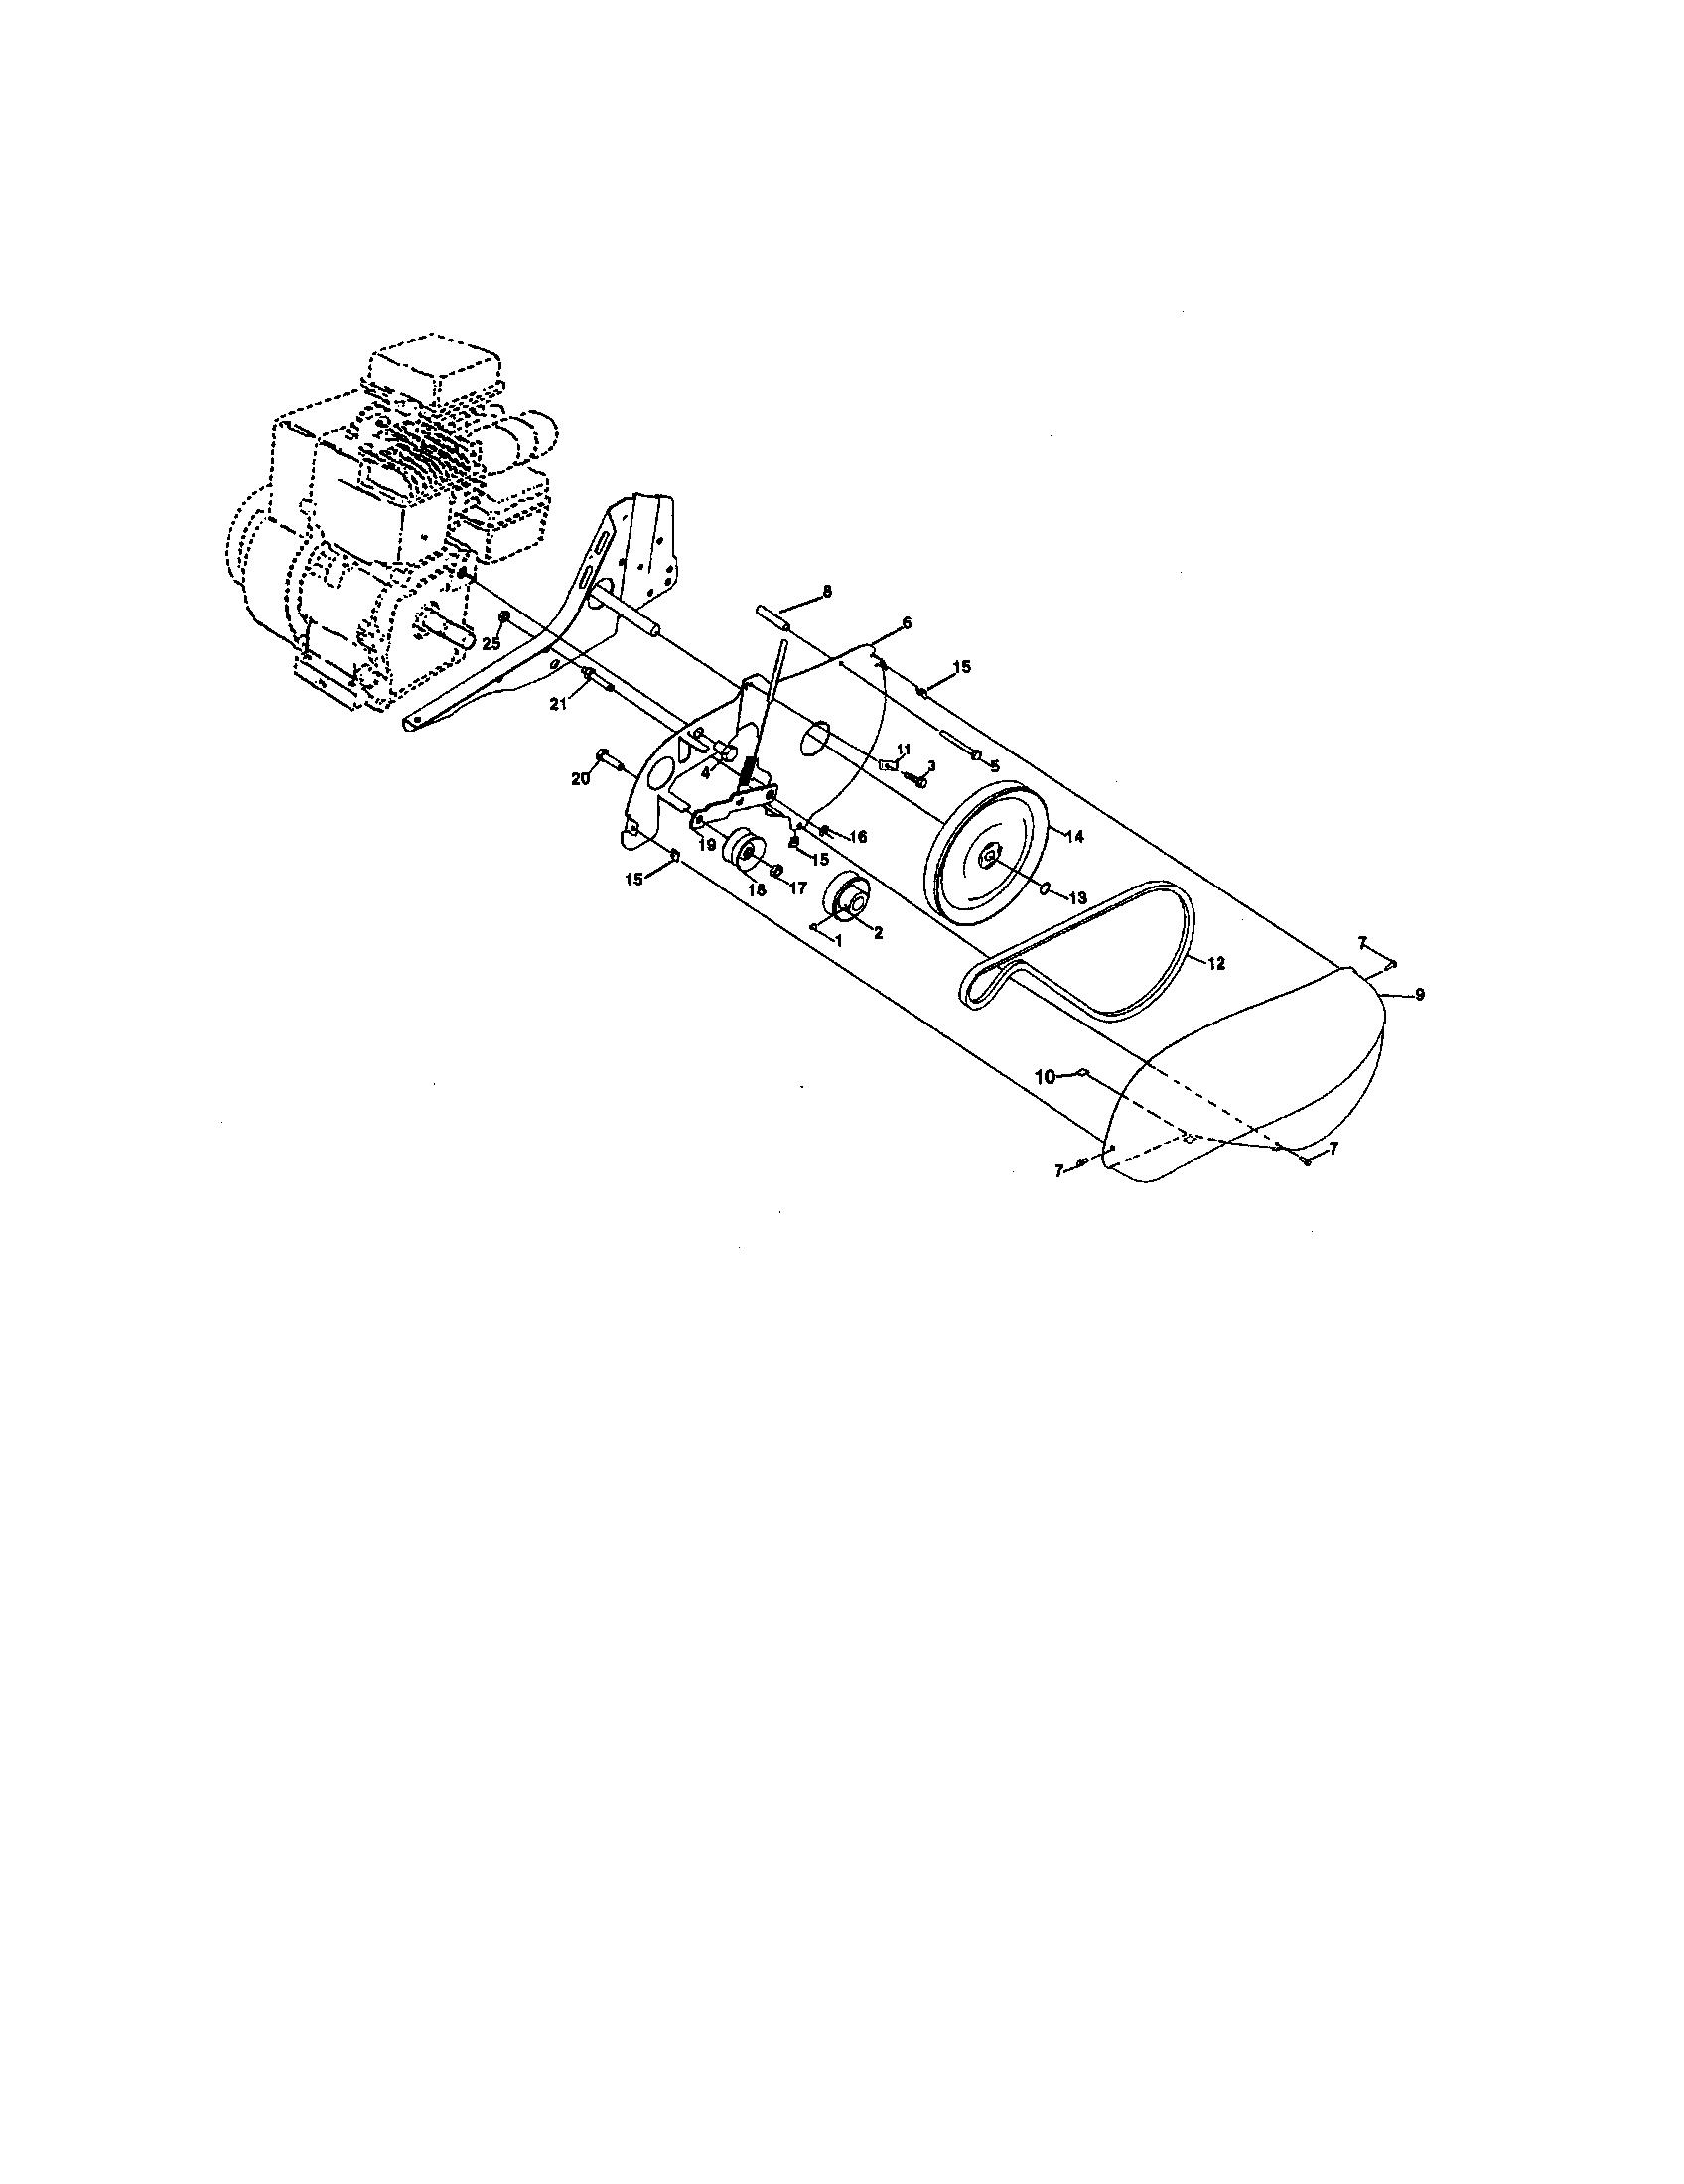 Craftsman model 917292393 front tine, gas tiller genuine parts